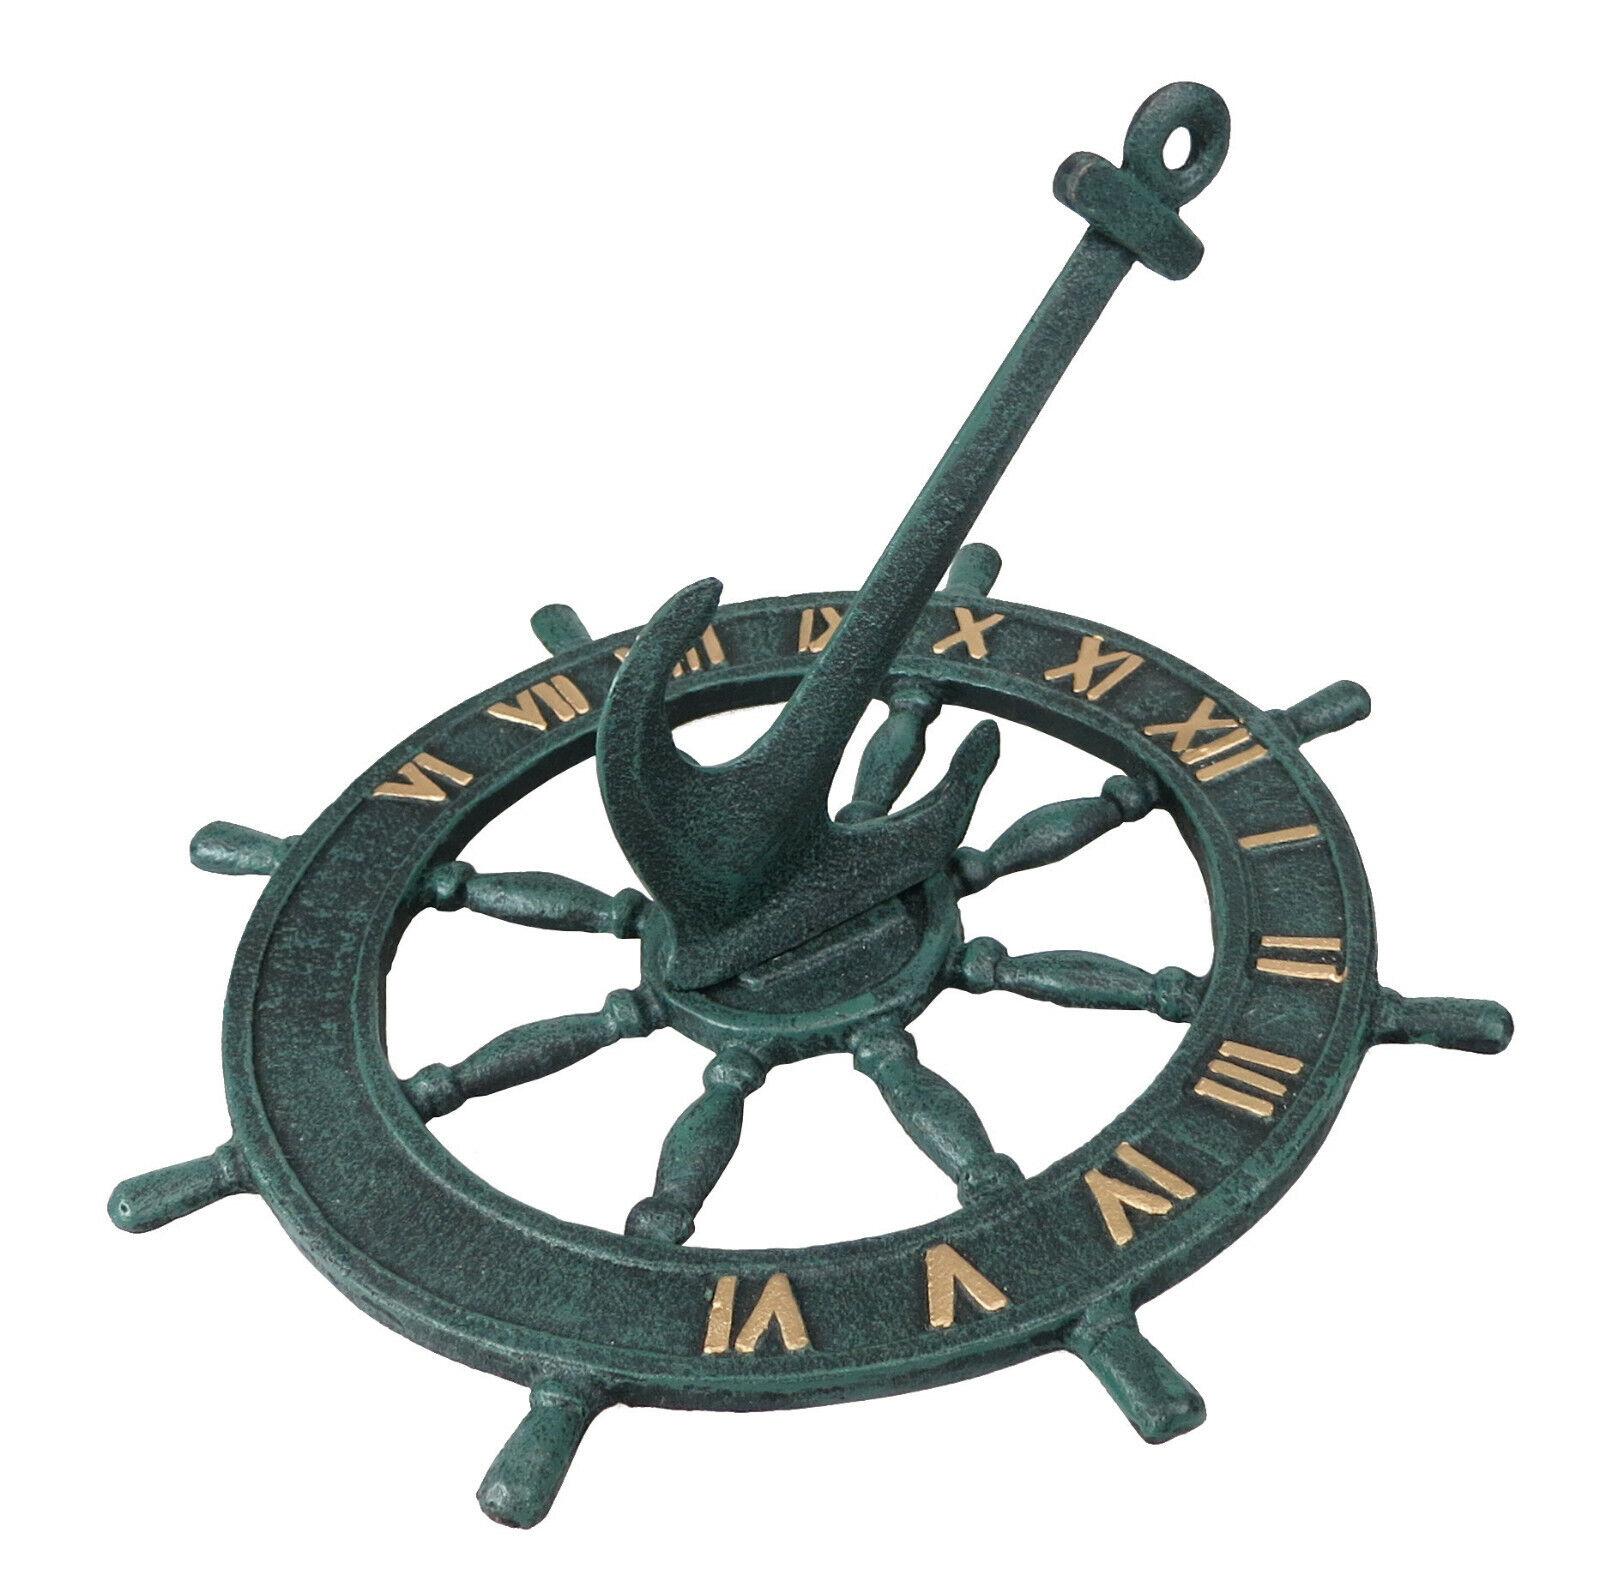 Cast Iron Green Anchor Sundial 24cm Garden Ship Wheel Anchor Nautical Decor Gift